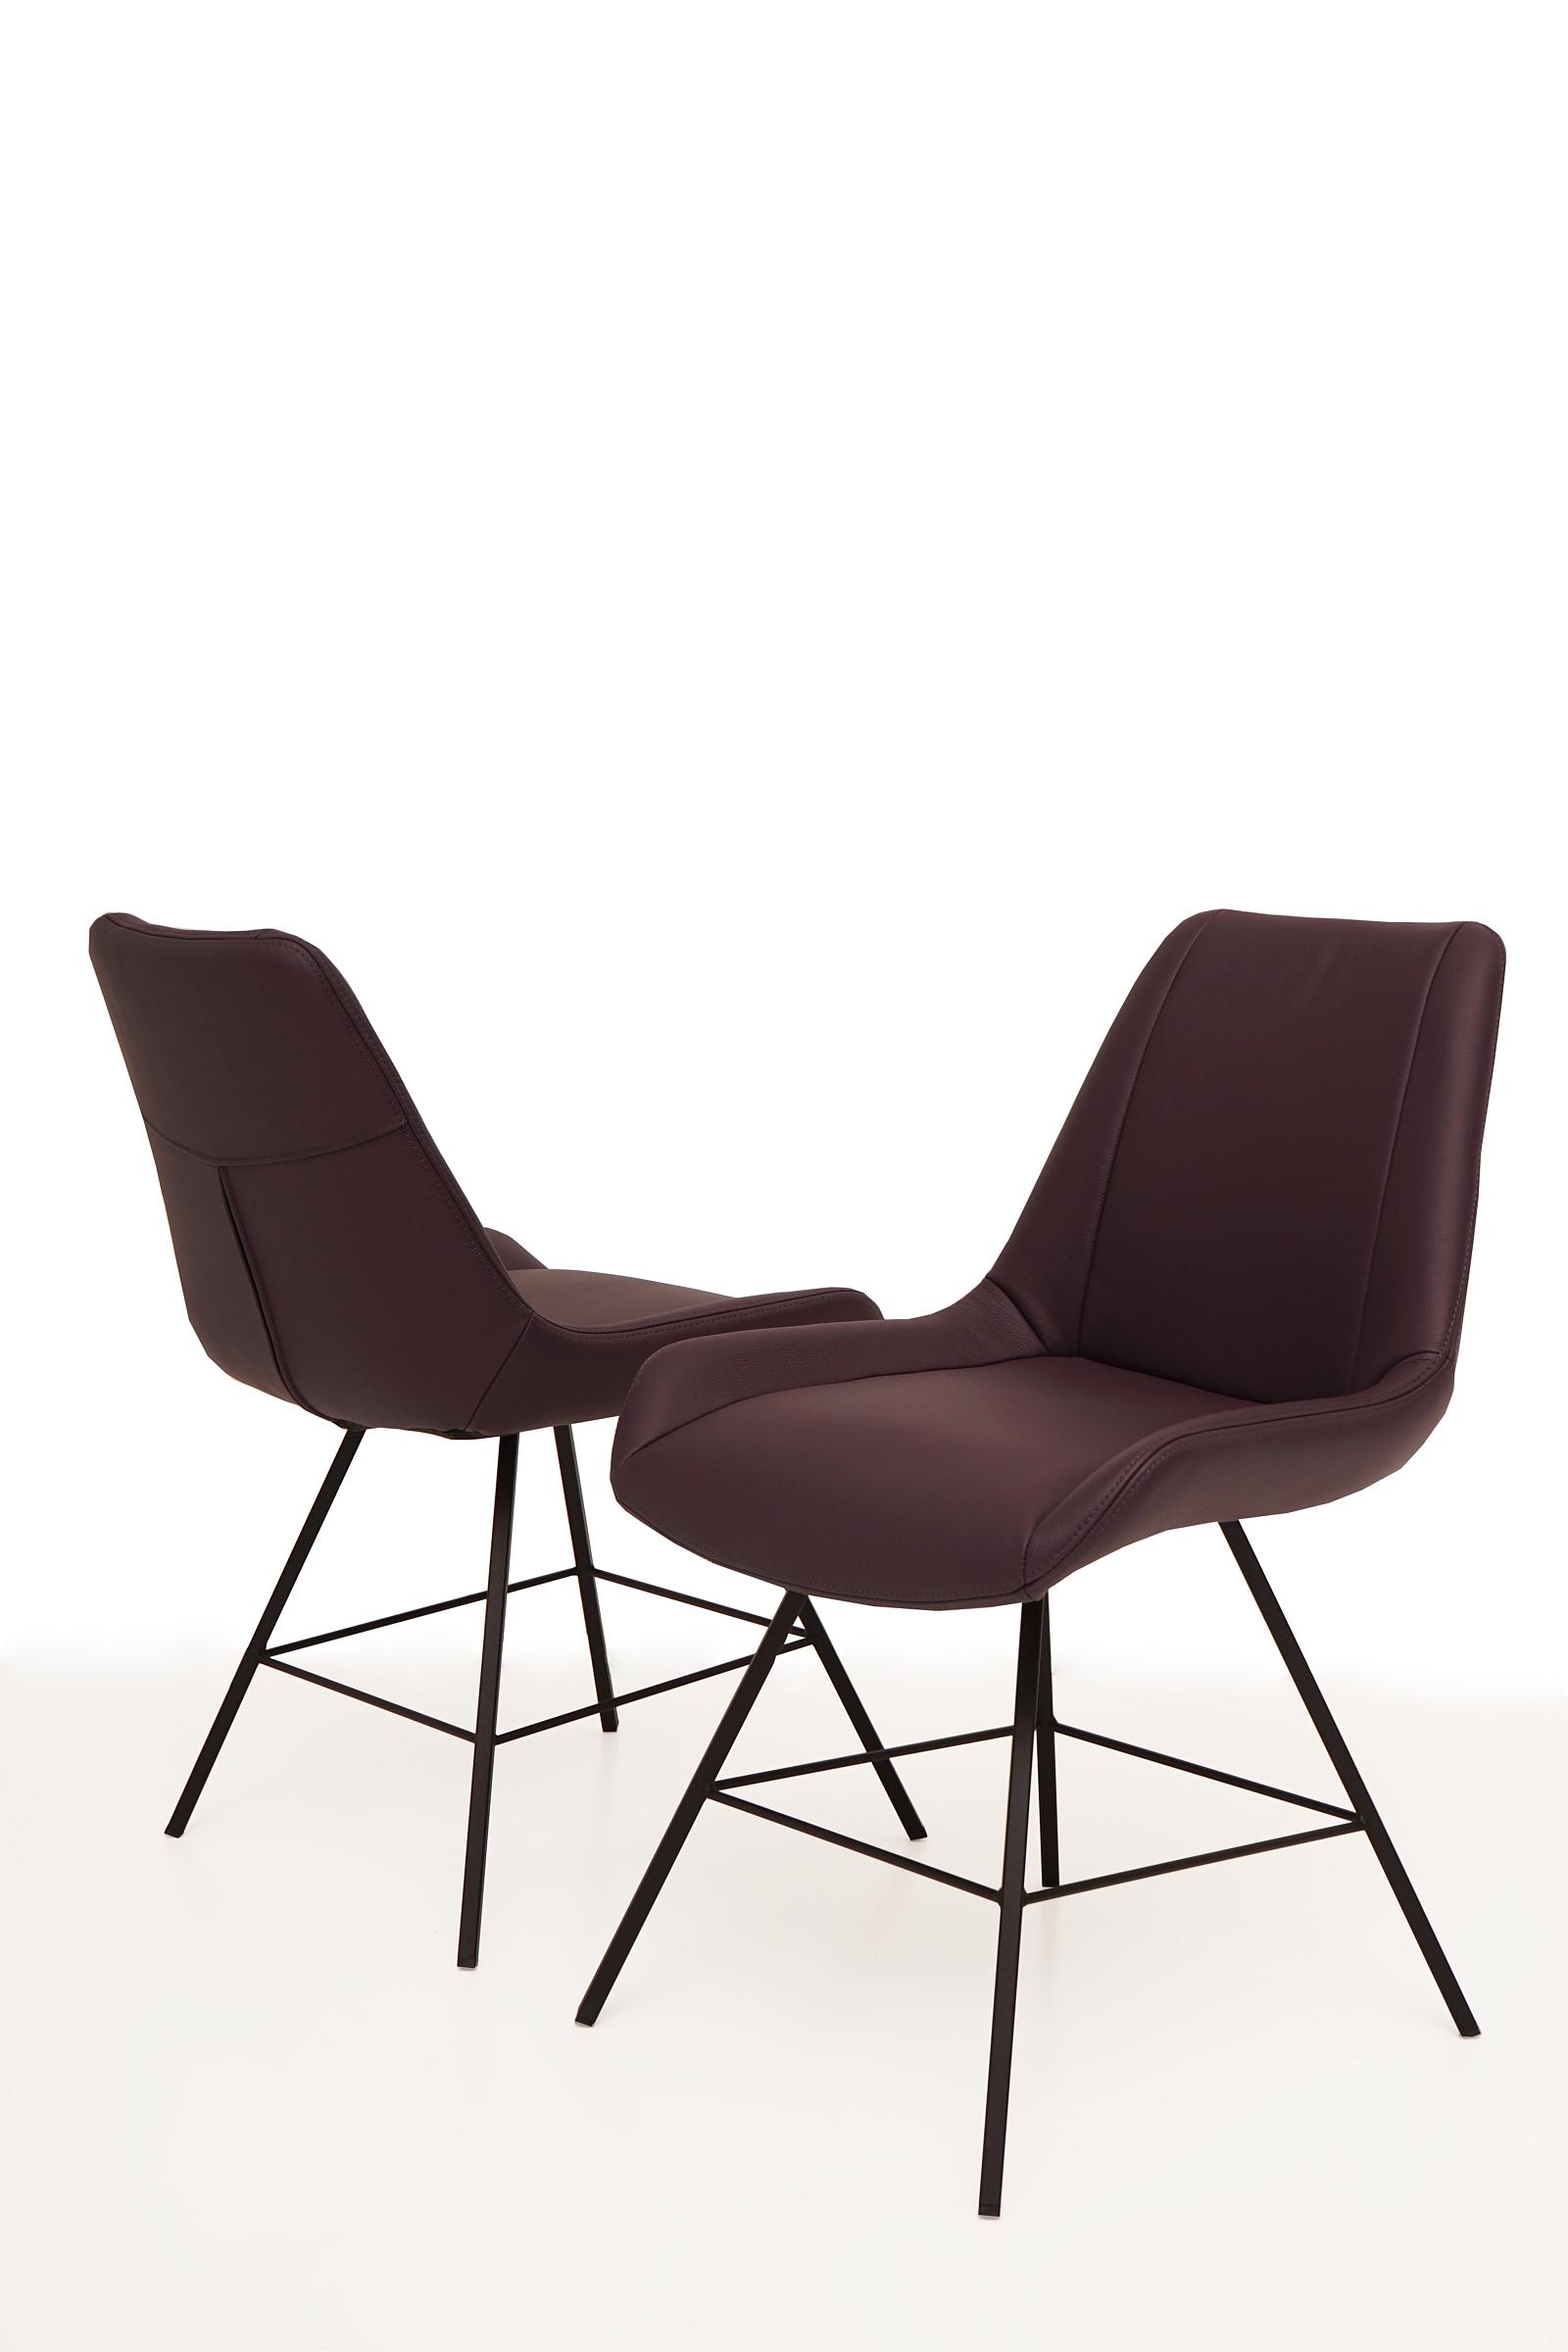 Carmen1 bardzo nowoczesne krzesła kubełkowe na stelażu metalowym